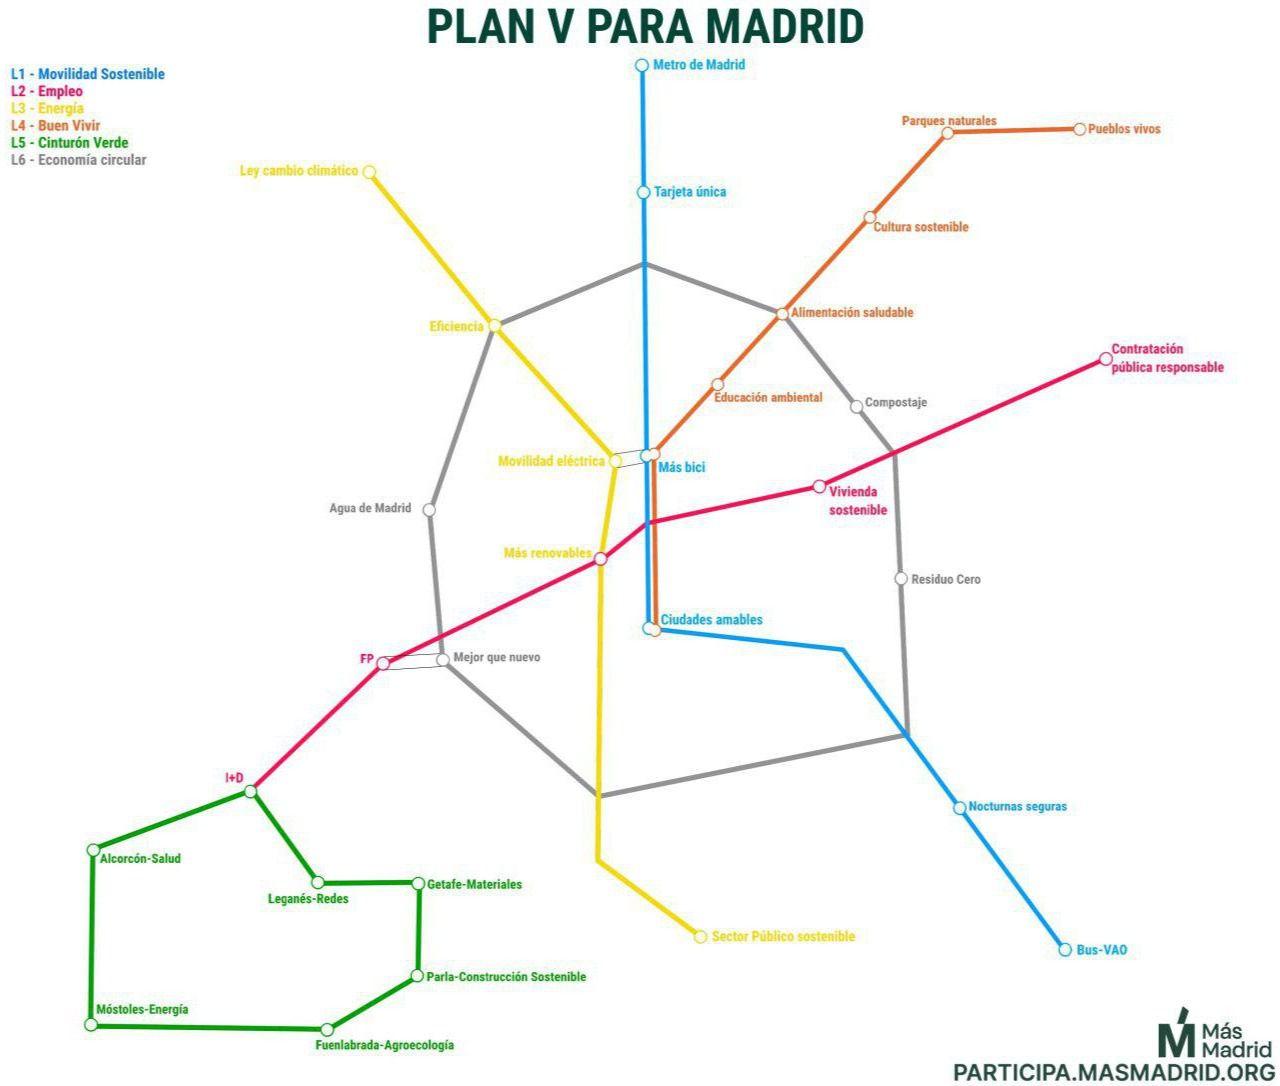 El 'Plan V' de Íñigo Errejón para la Comunidad. (Más Madrid)